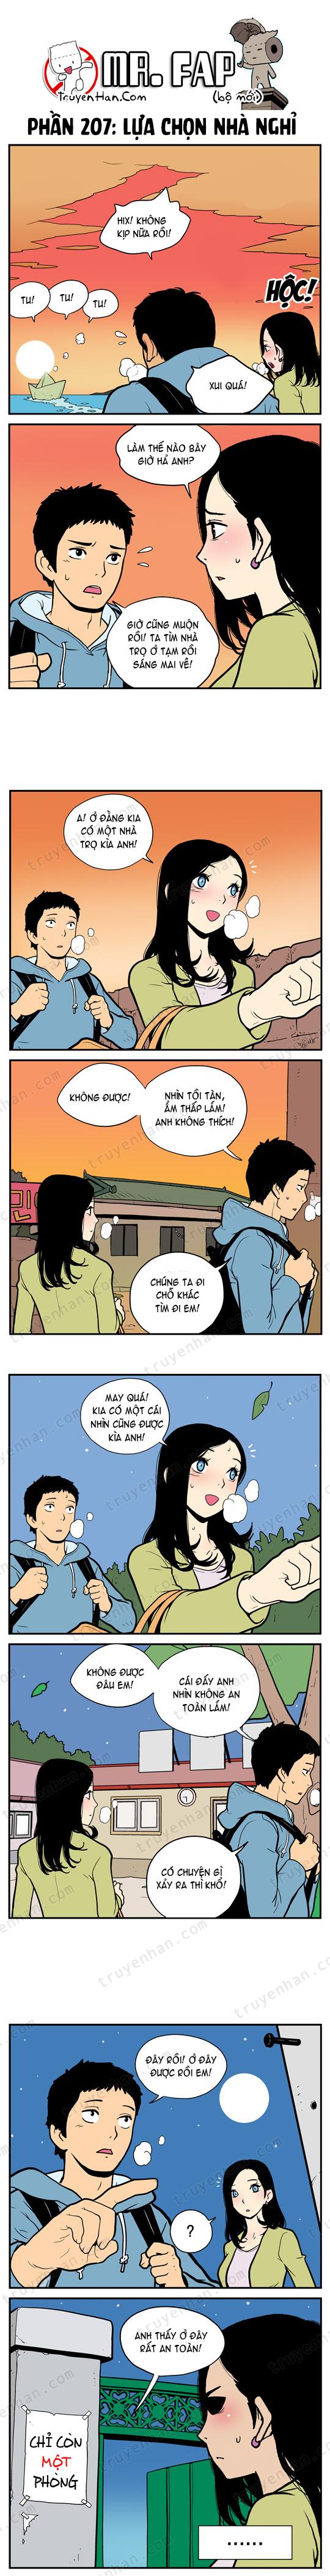 Mr. FAP (bộ mới) phần 207: Lựa chọn nhà nghỉ